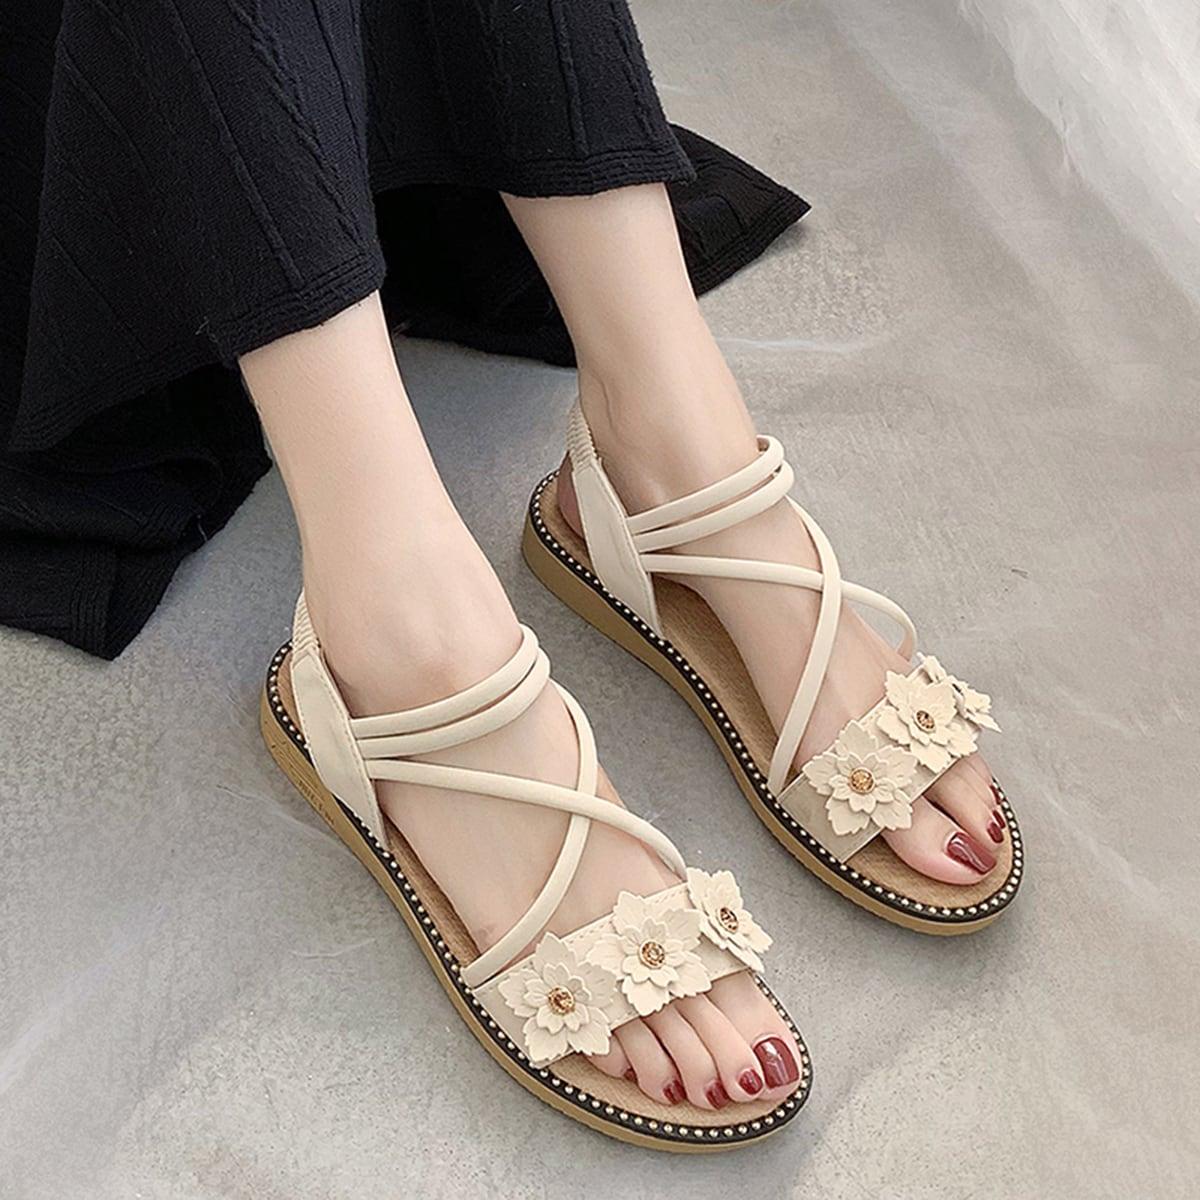 Floral applique decor platte sandalen met gekruiste bandjes